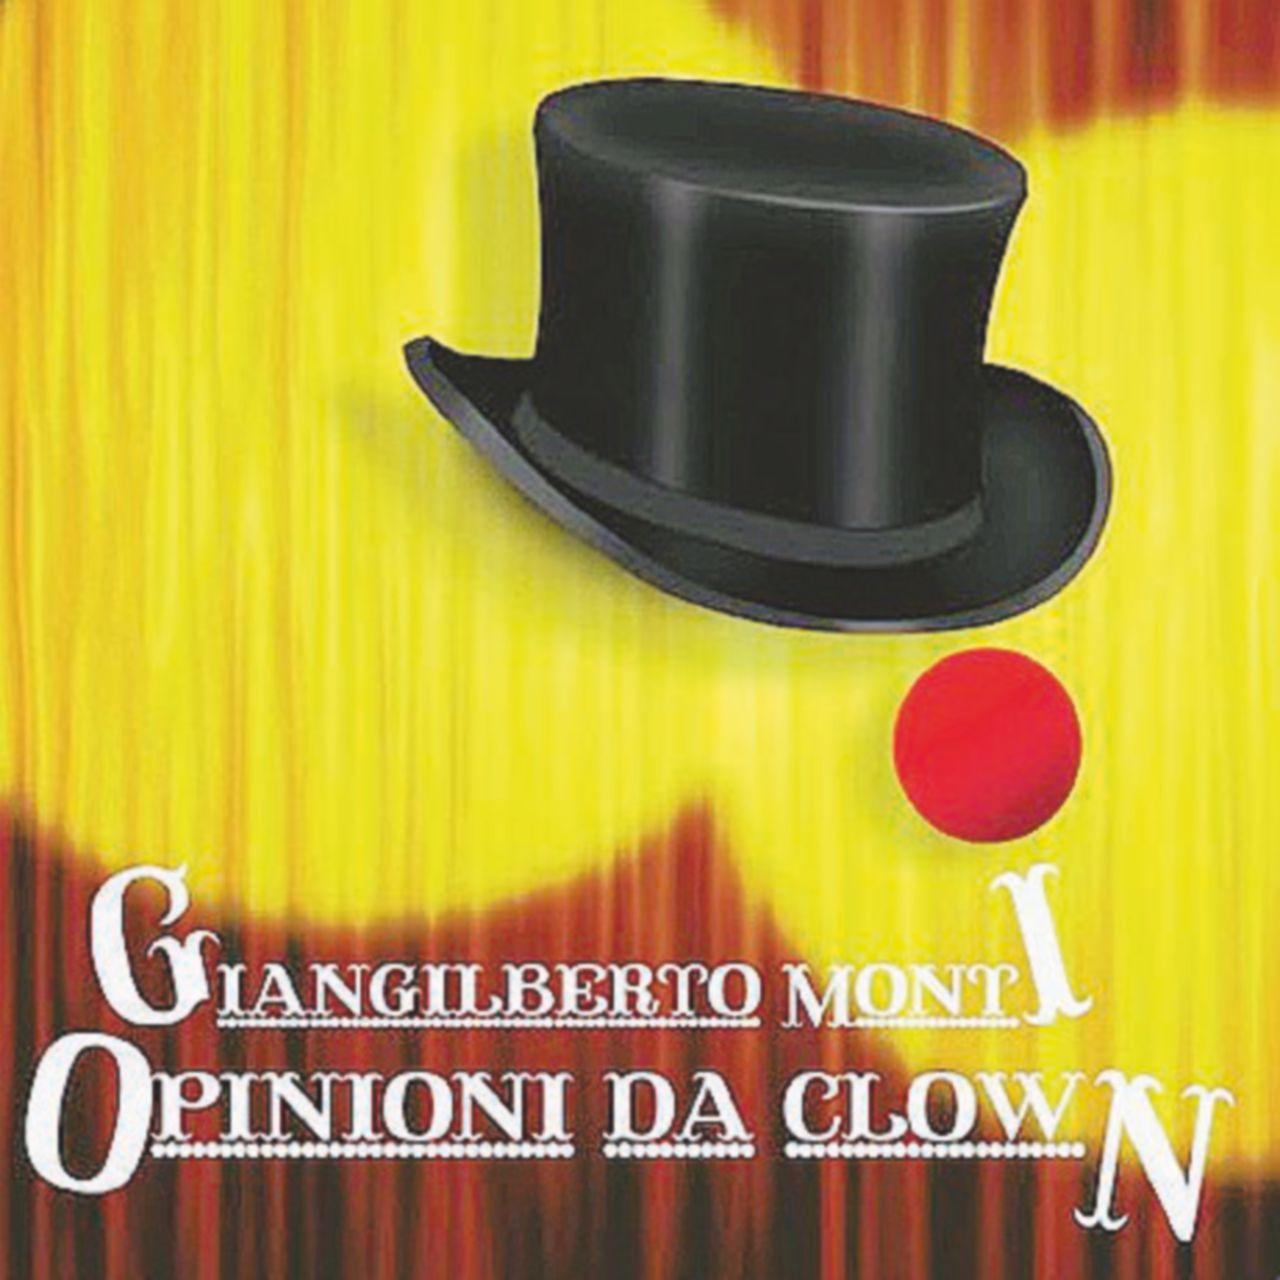 Un distillato milanese di opinioni da clown